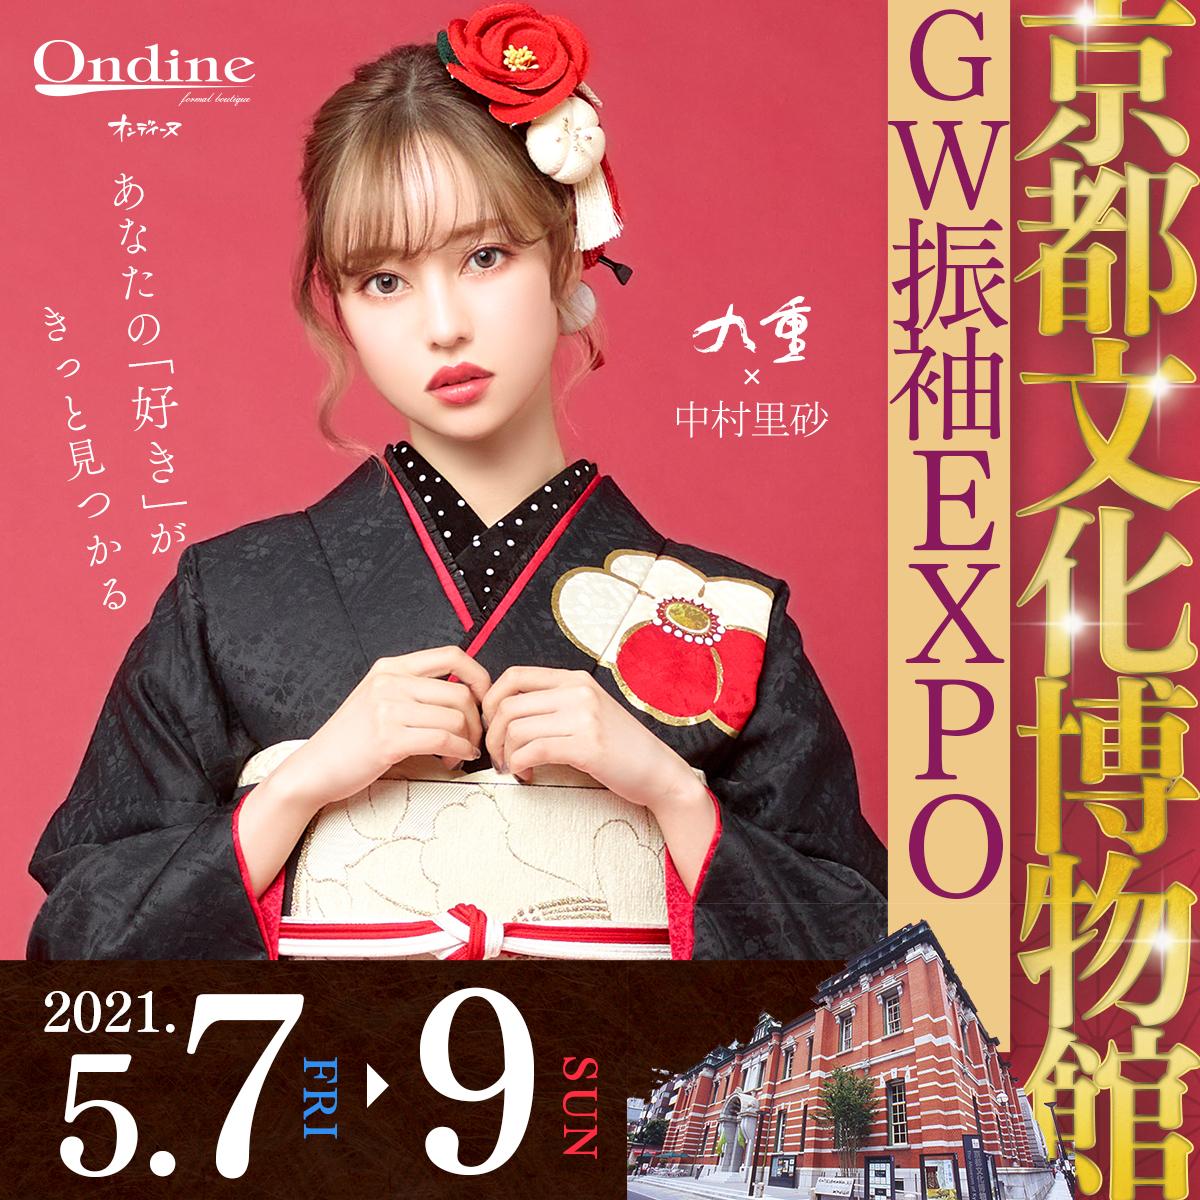 【イベント会場ご案内】GW振袖EXPO in 京都文化博物館